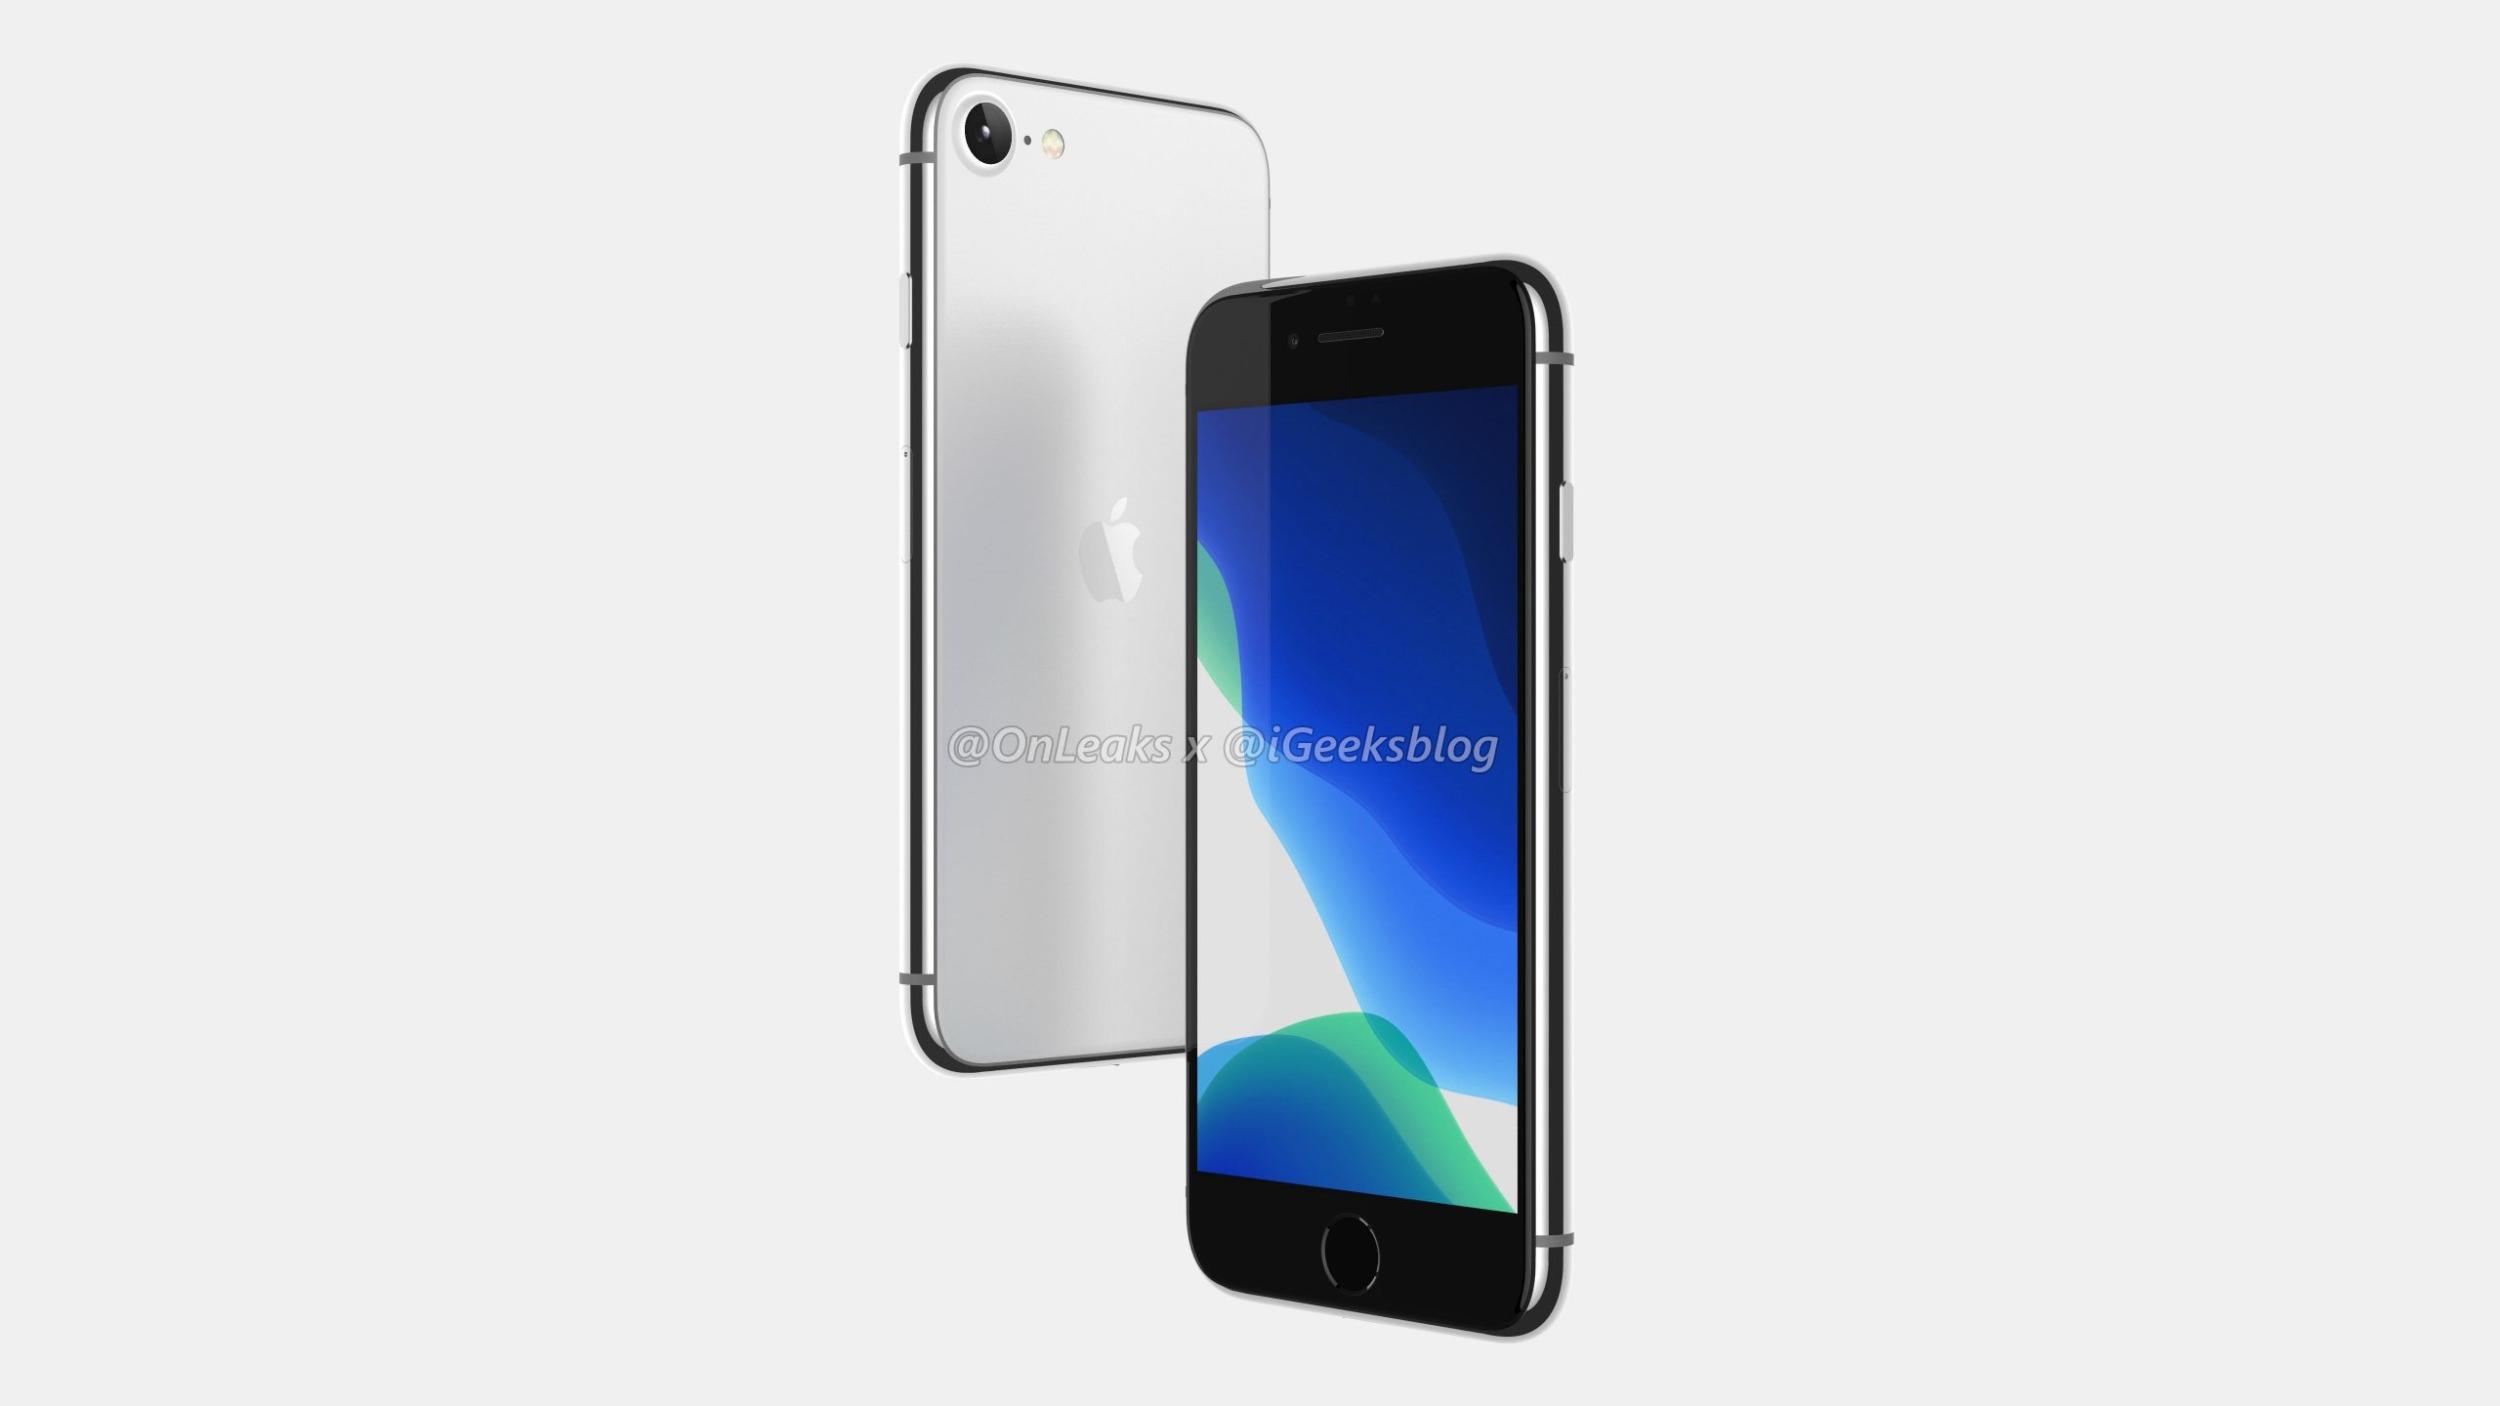 iPhone SE 2 by měl stát kolem 9 000 Kč bez daně